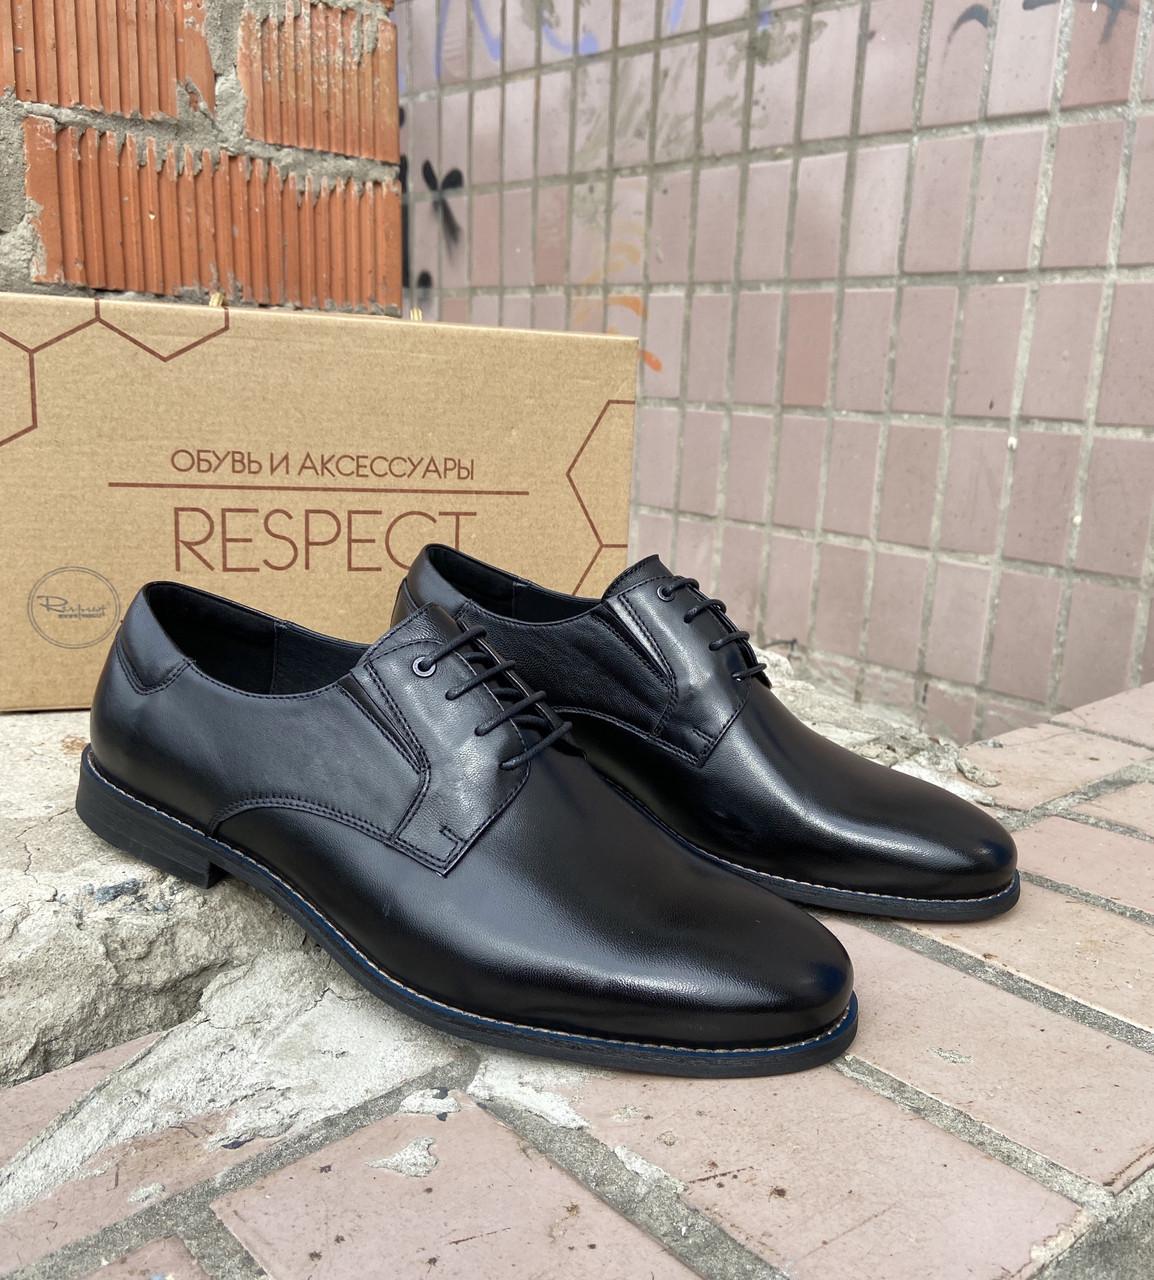 Чоловічі туфлі respect натуральна шкіра 44